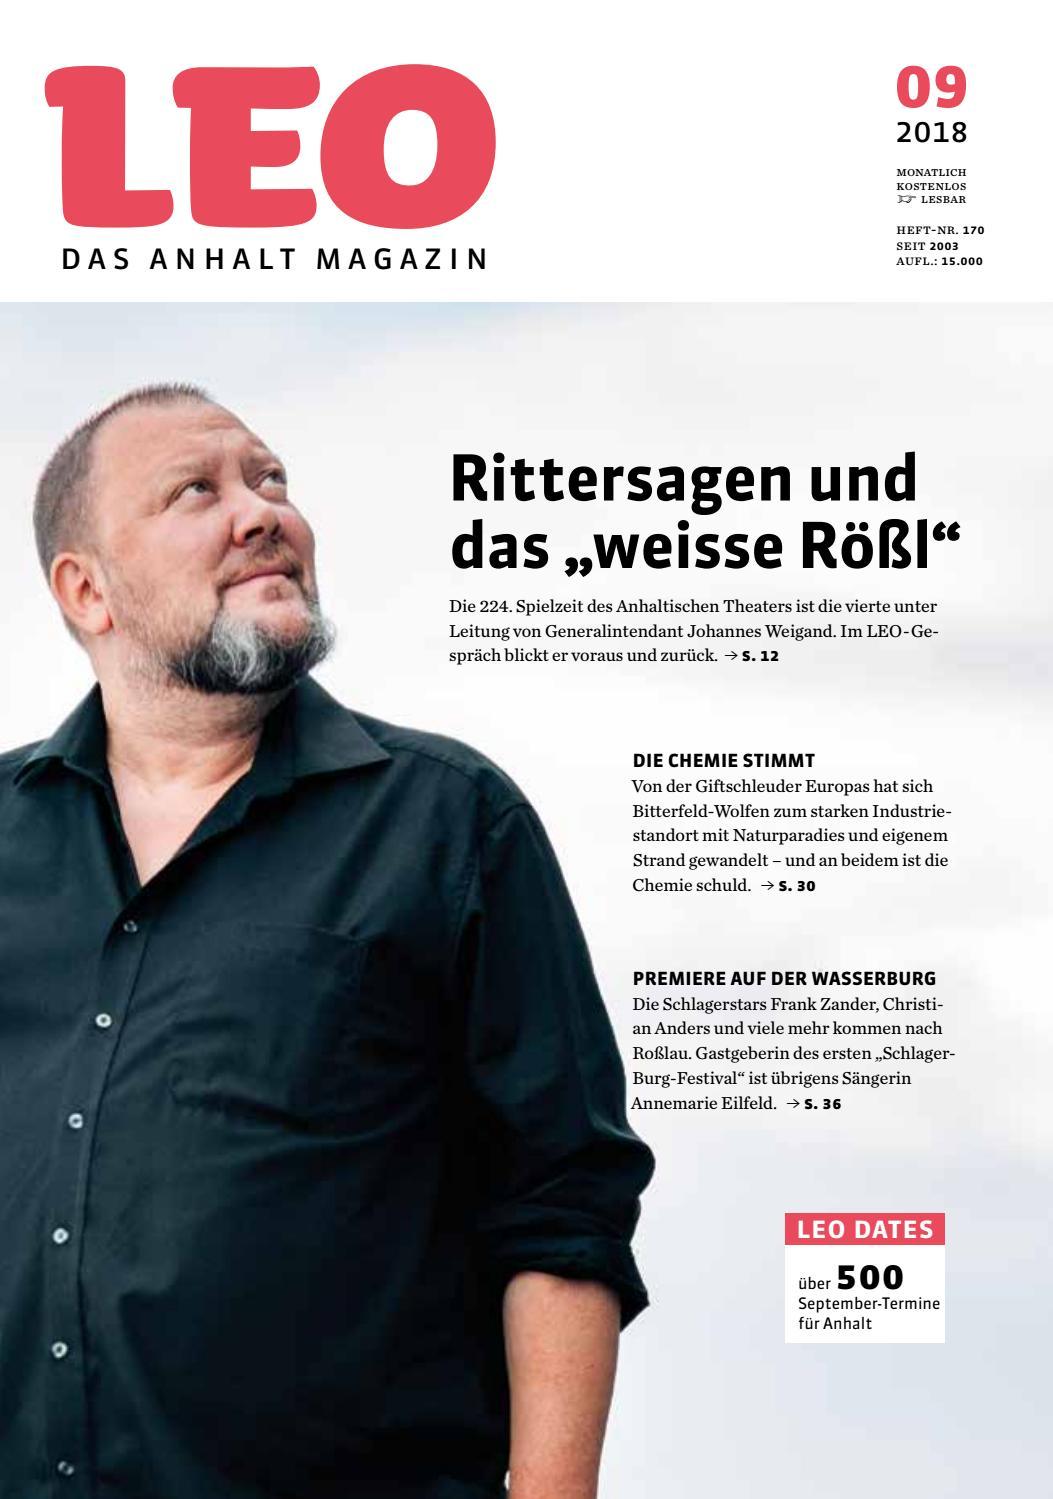 Nachrichten aus Dessau-Roßlau, Anhalt und Landkreis Wittenberg